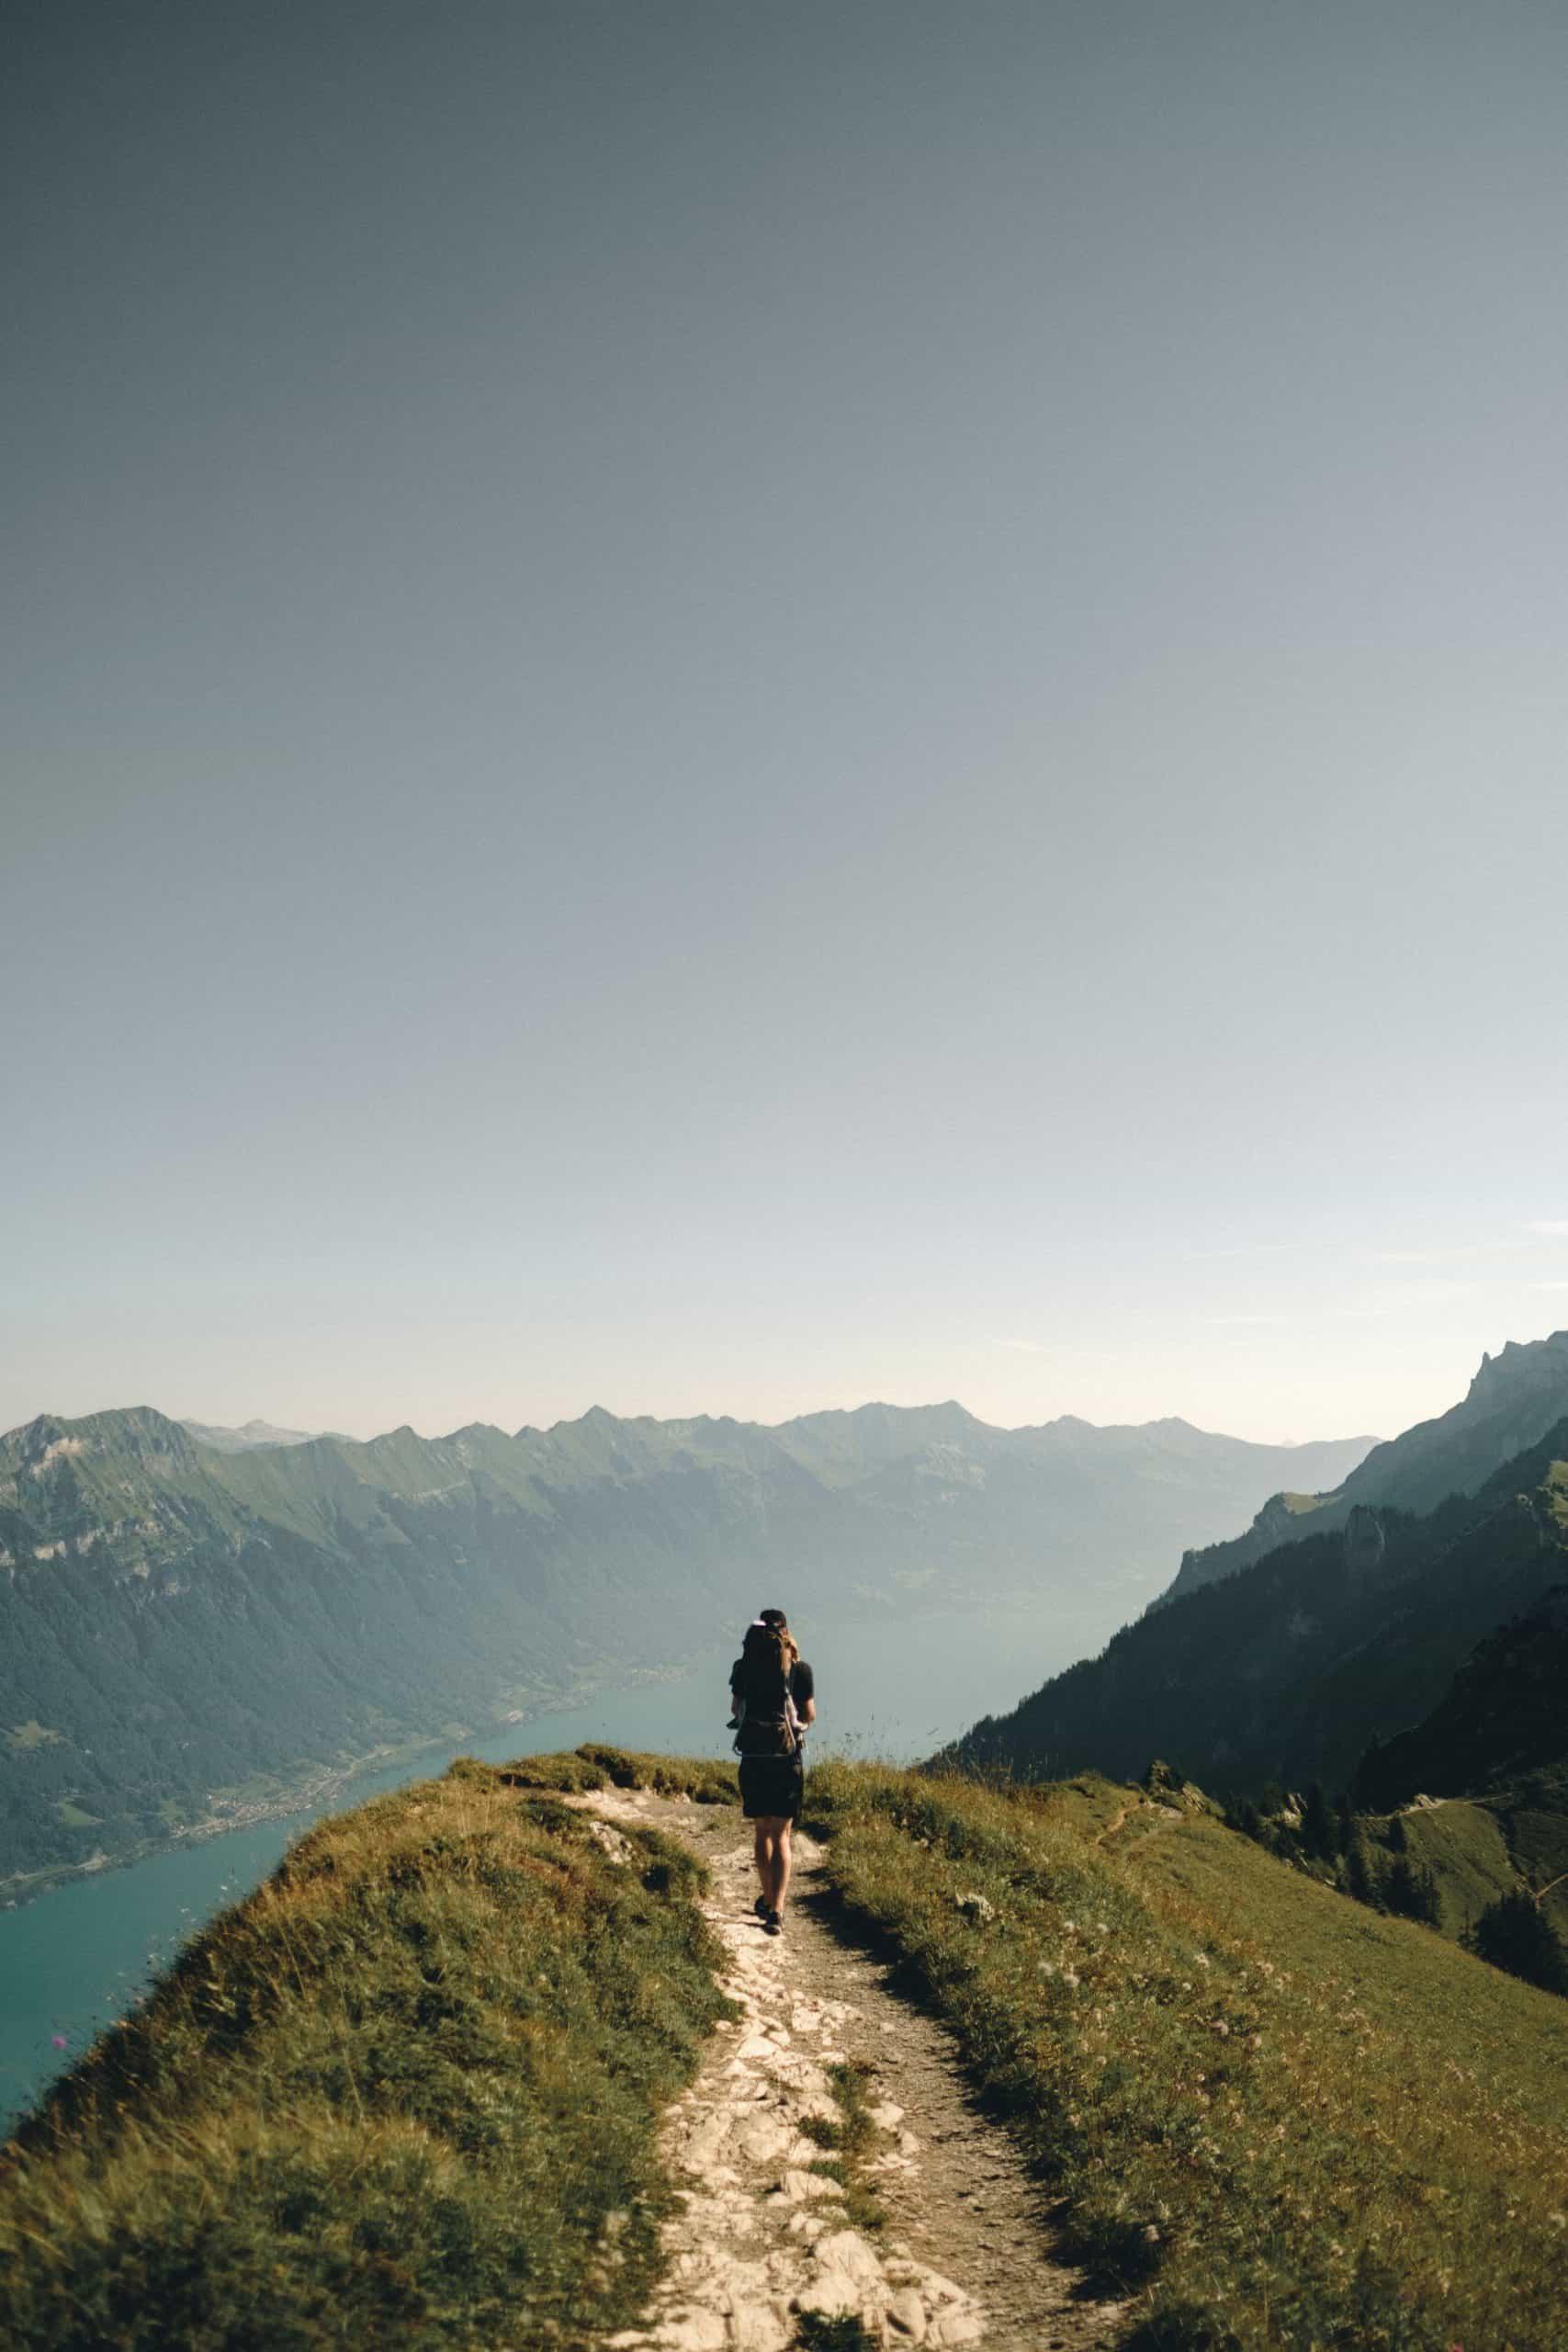 Person trekking through mountains